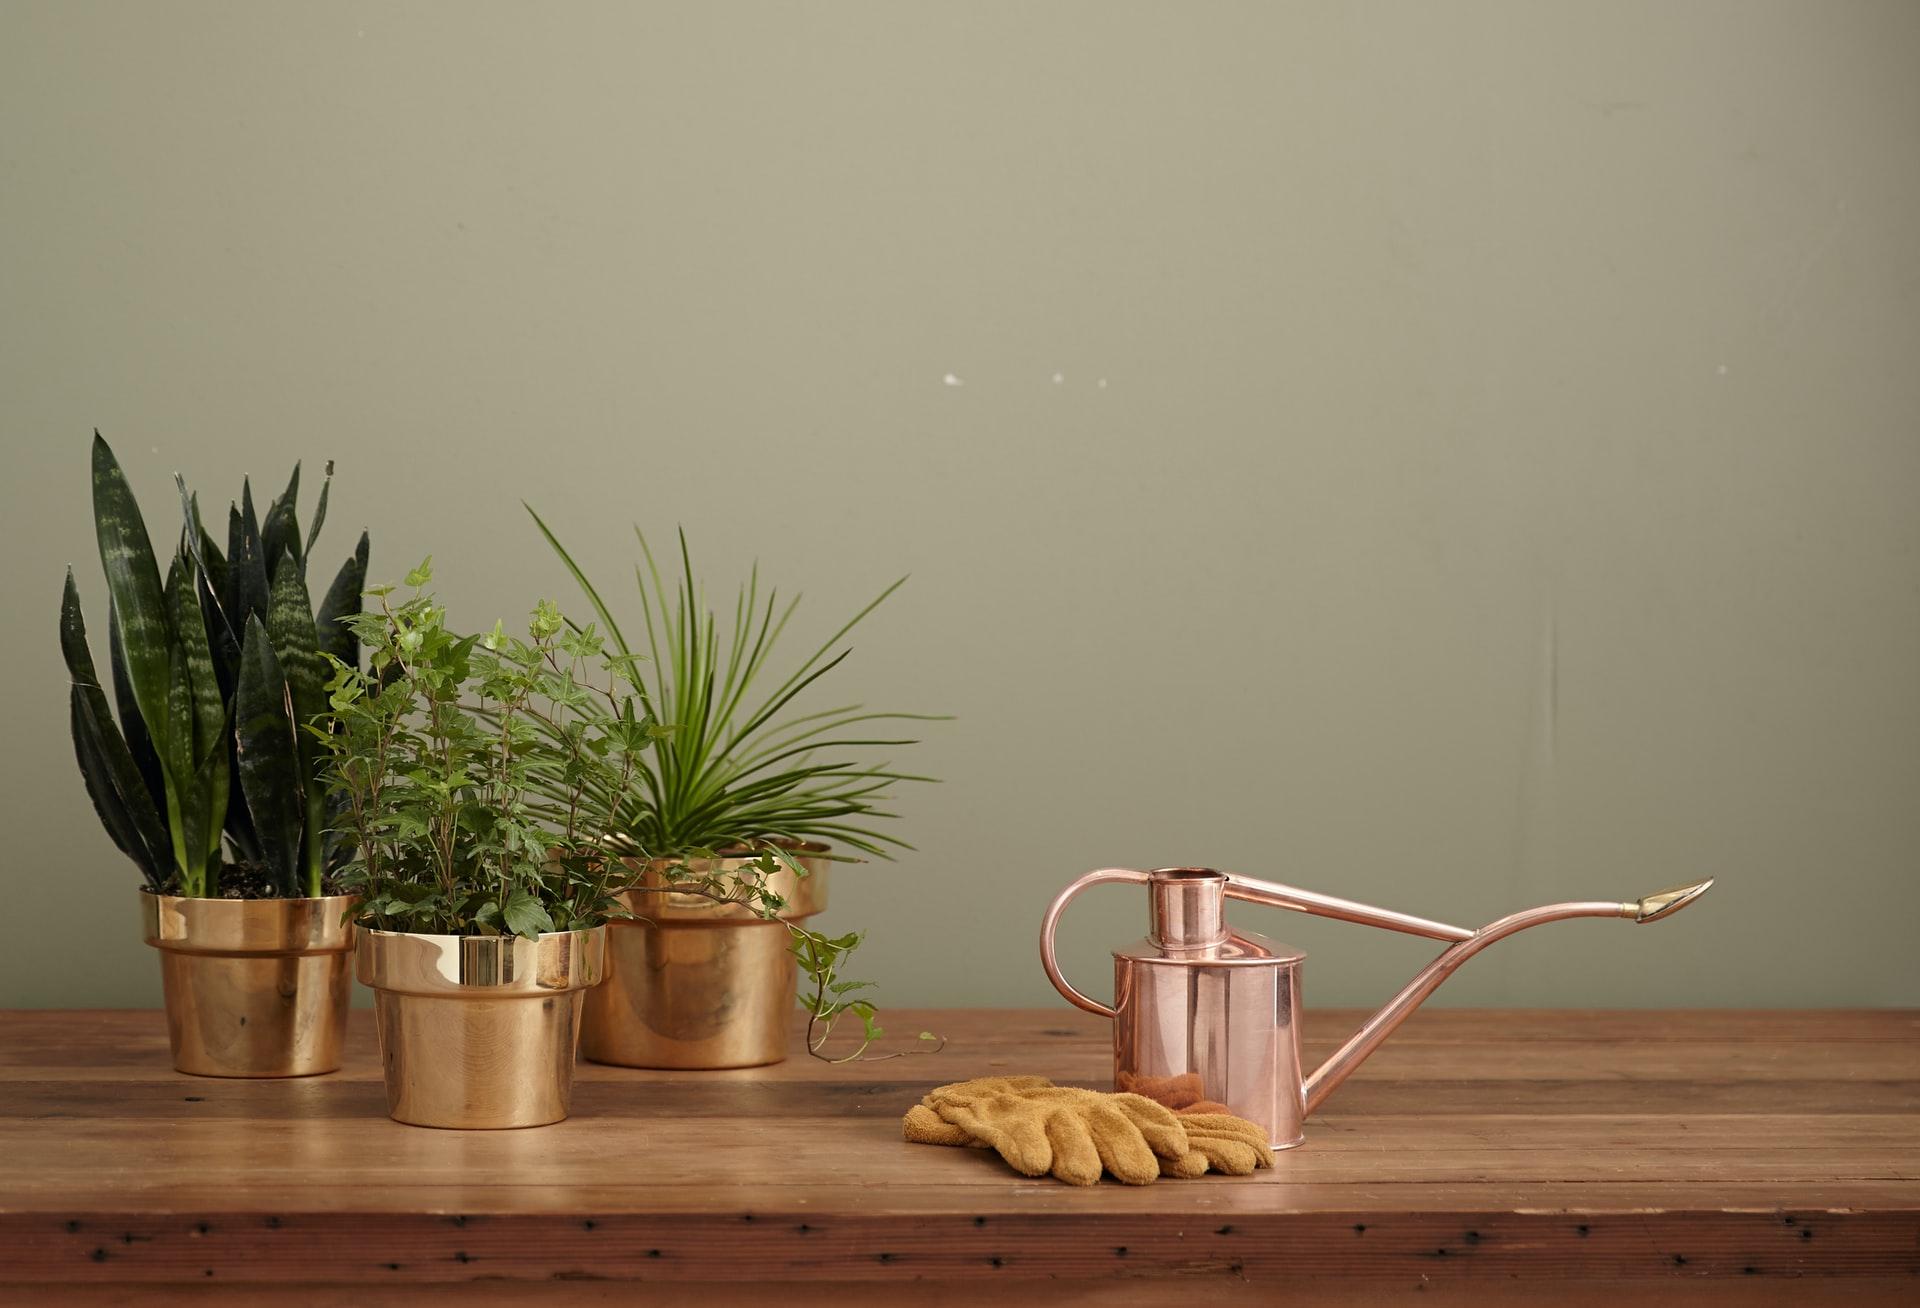 Planten water geven tijdens je vakantie - watergeefsysteem planten zelf maken